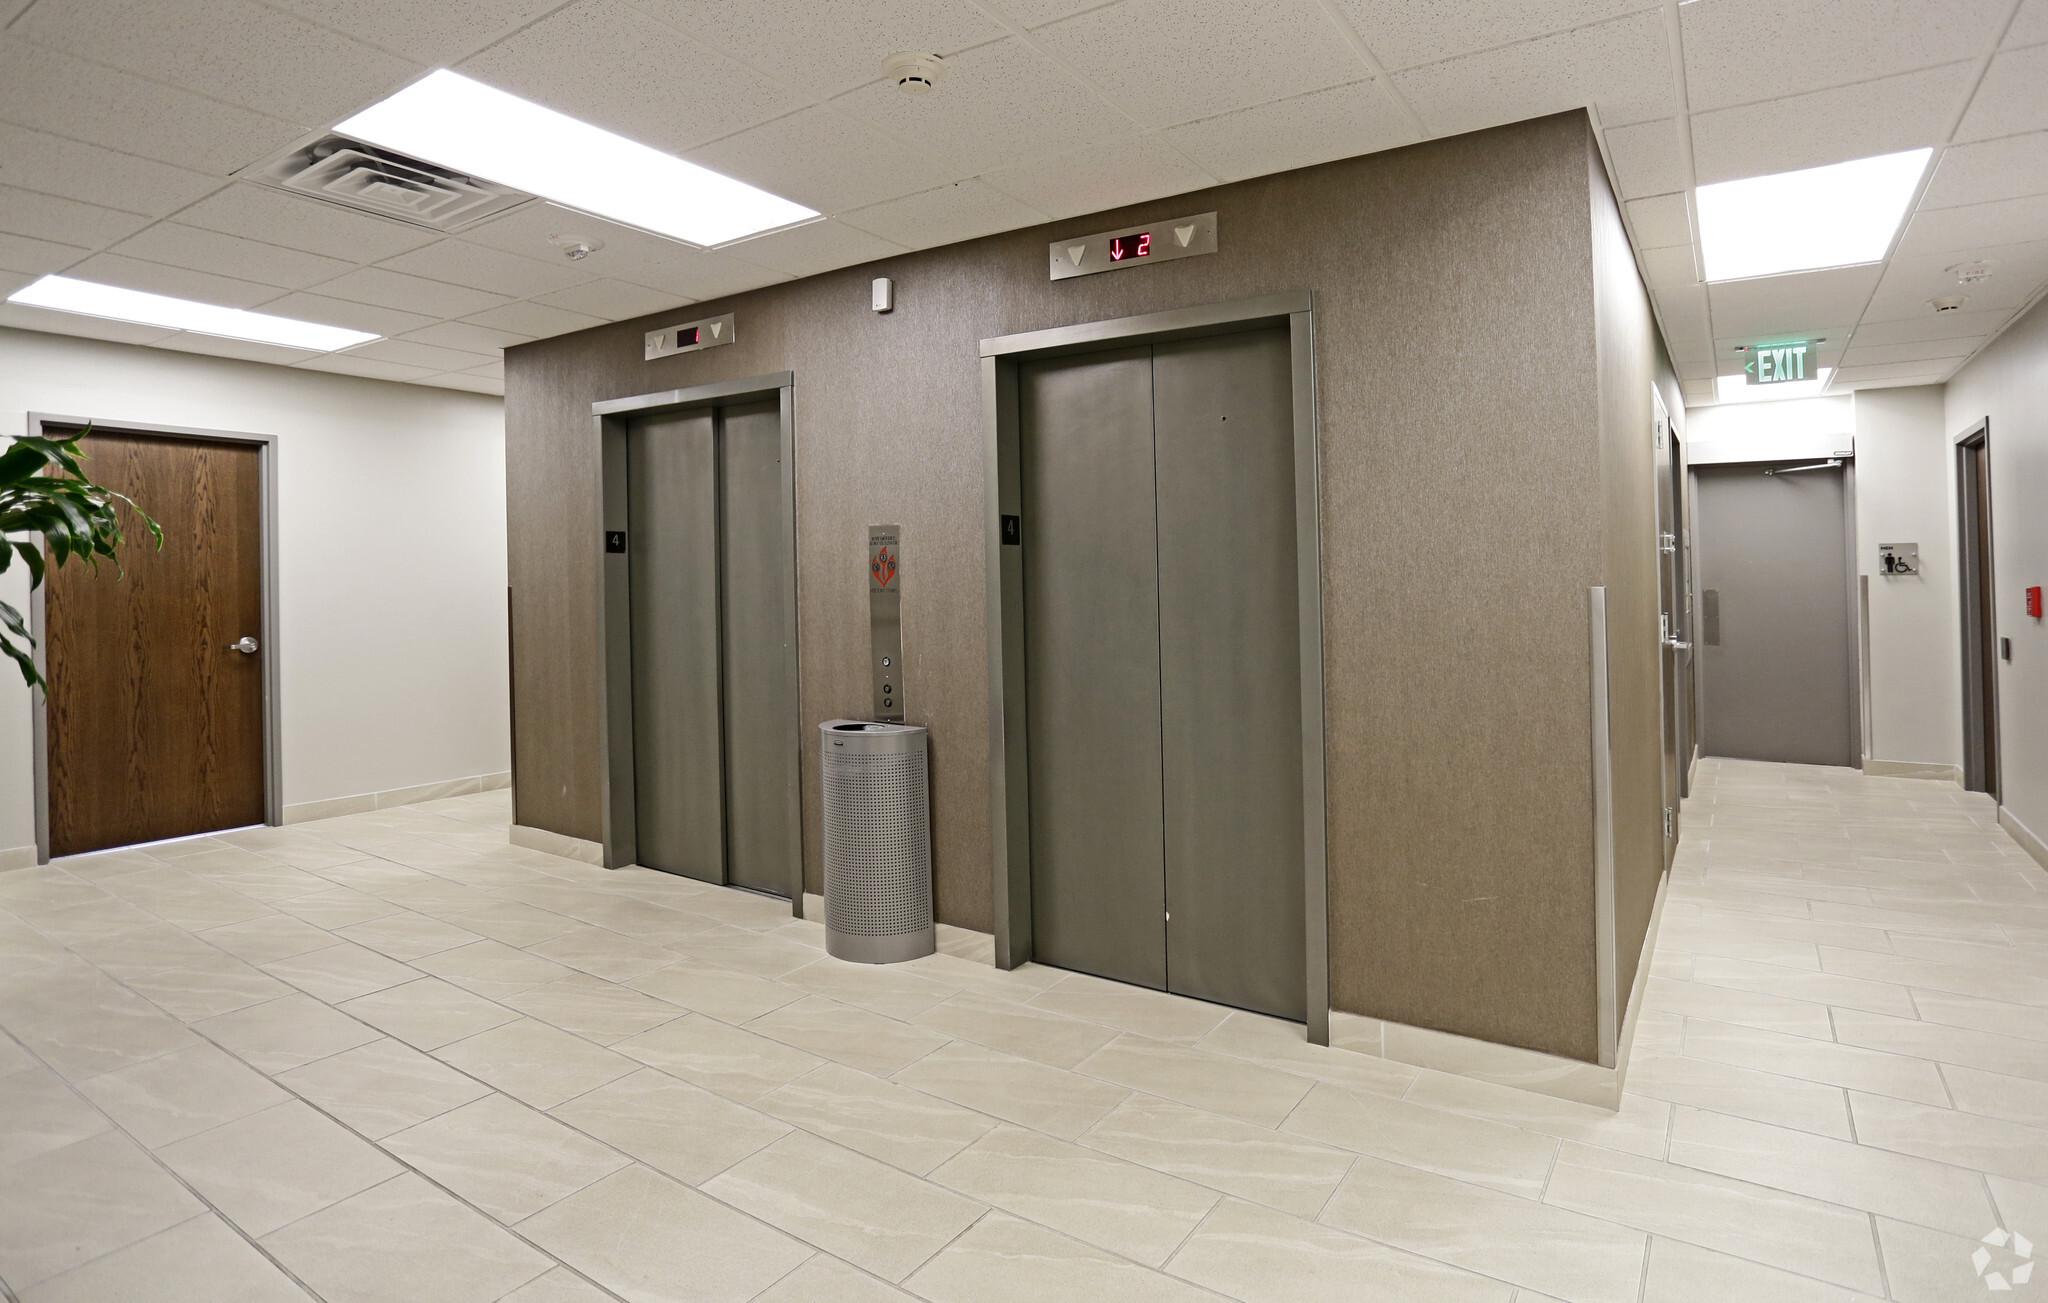 Elevators at 1151 N Buckner Blvd